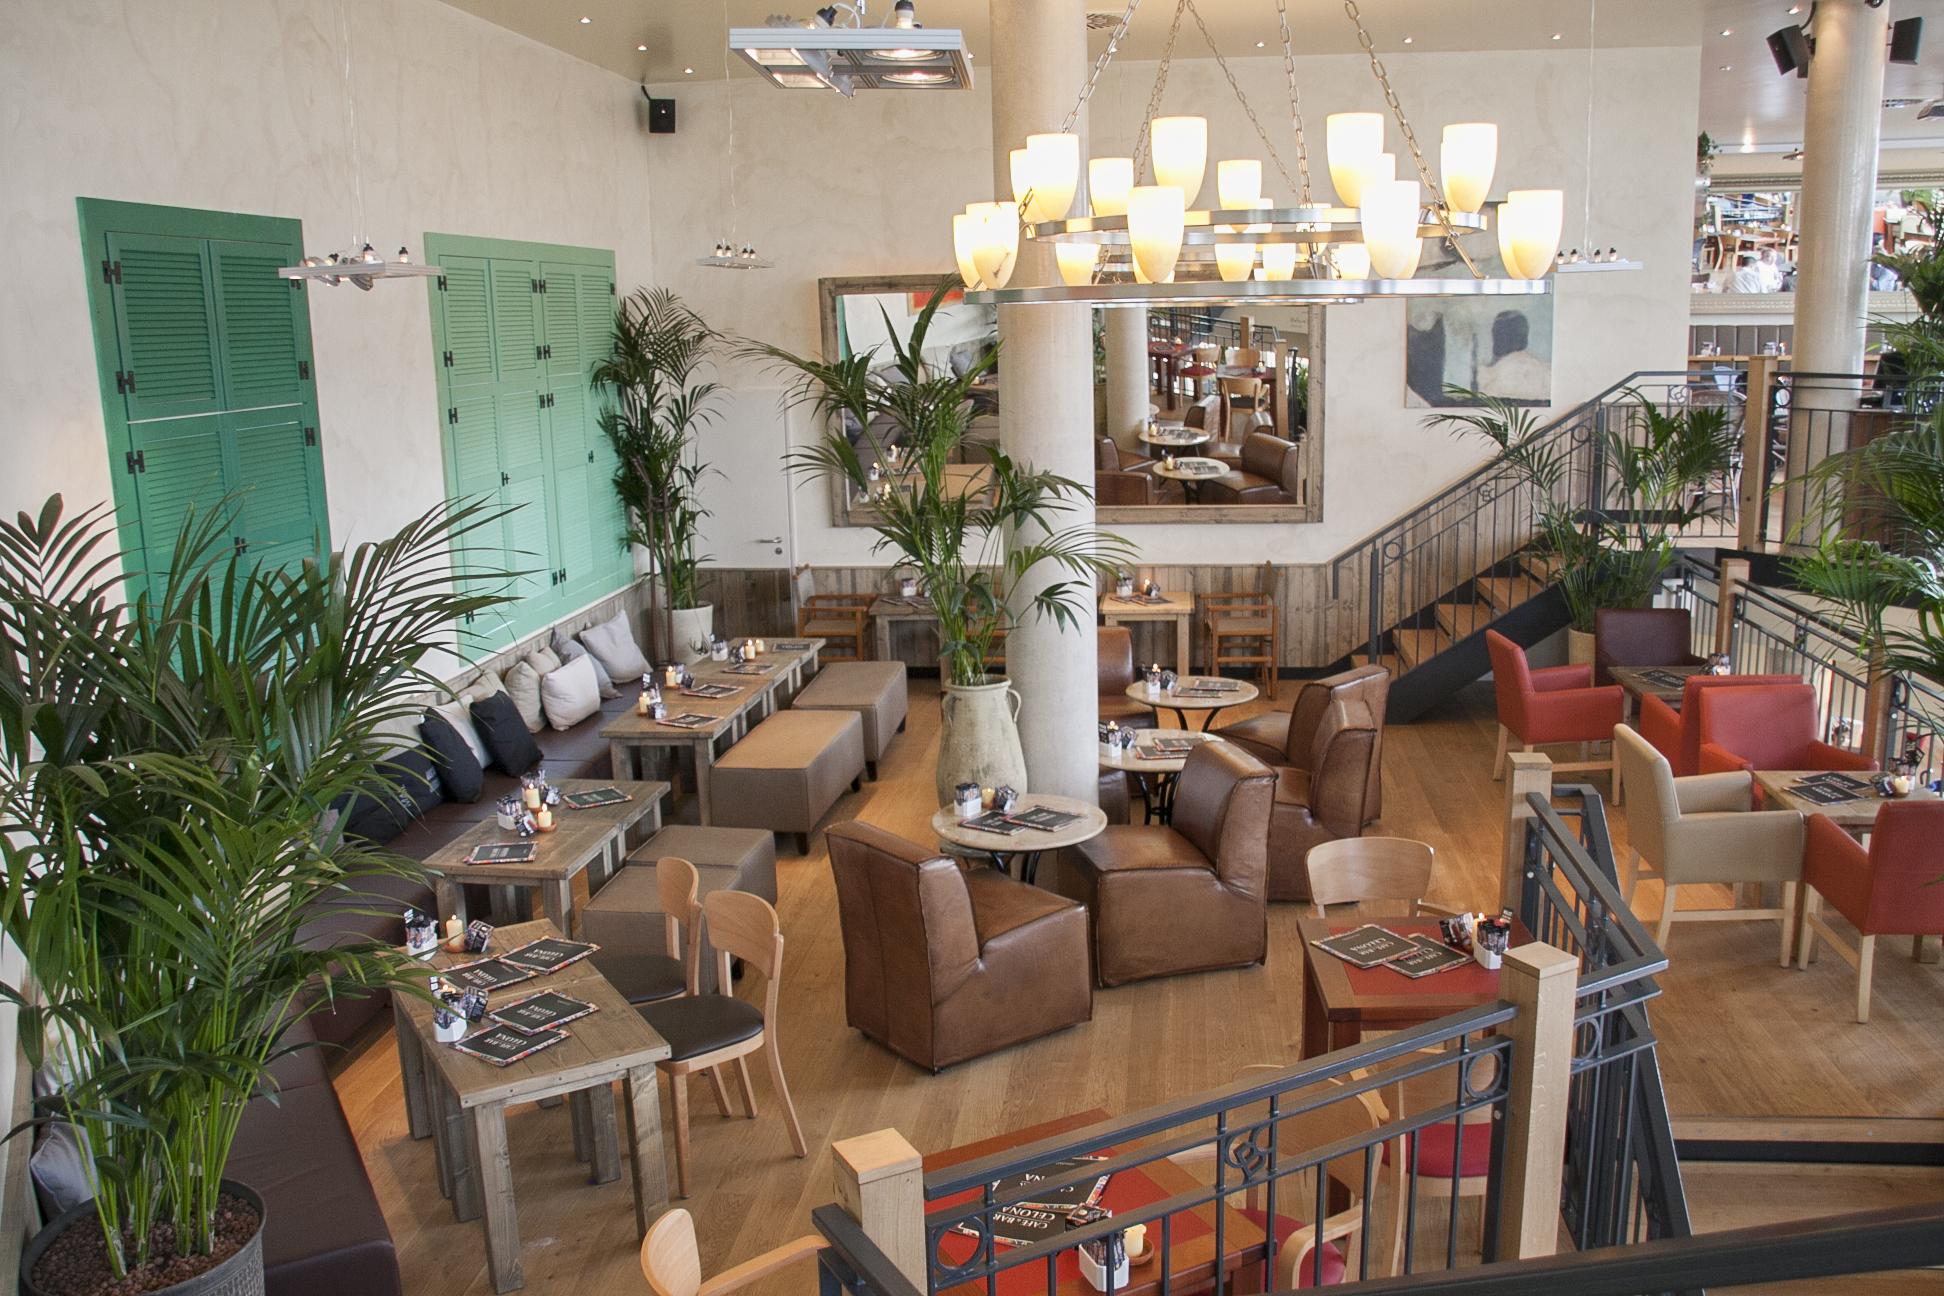 Cafe Wohnzimmer Offnungszeiten Surfinser